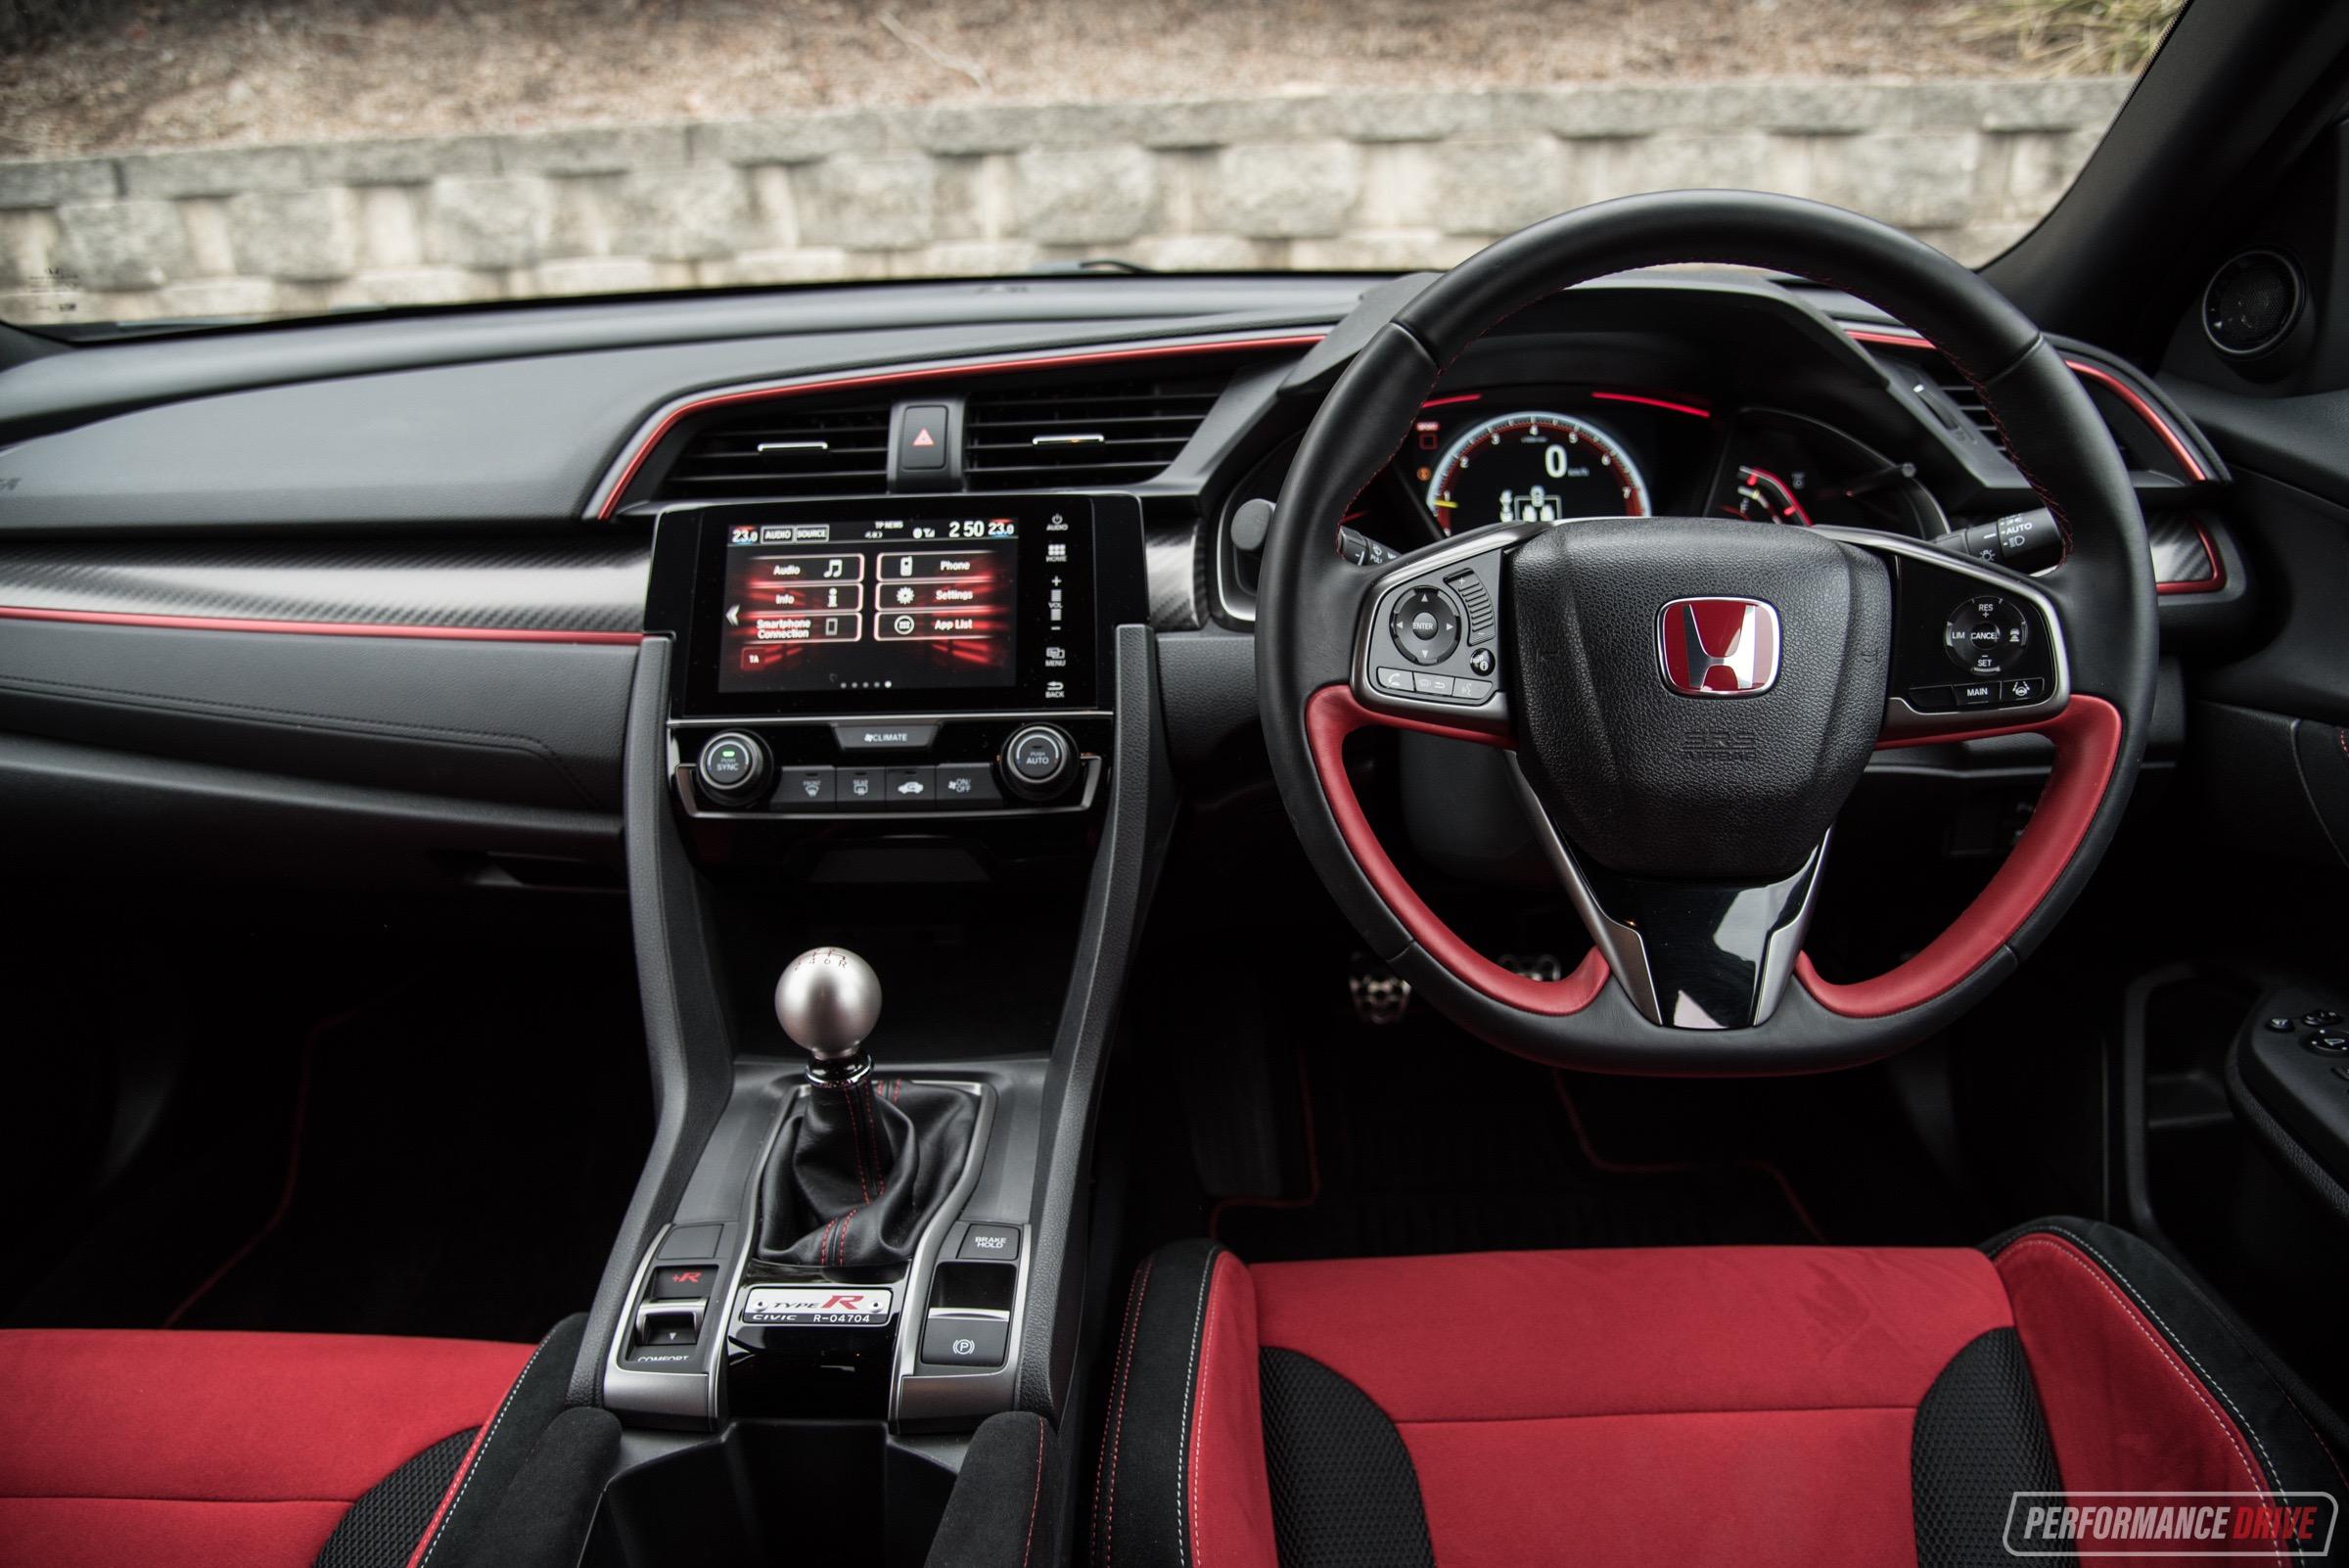 2018 Honda Civic Type R-interior